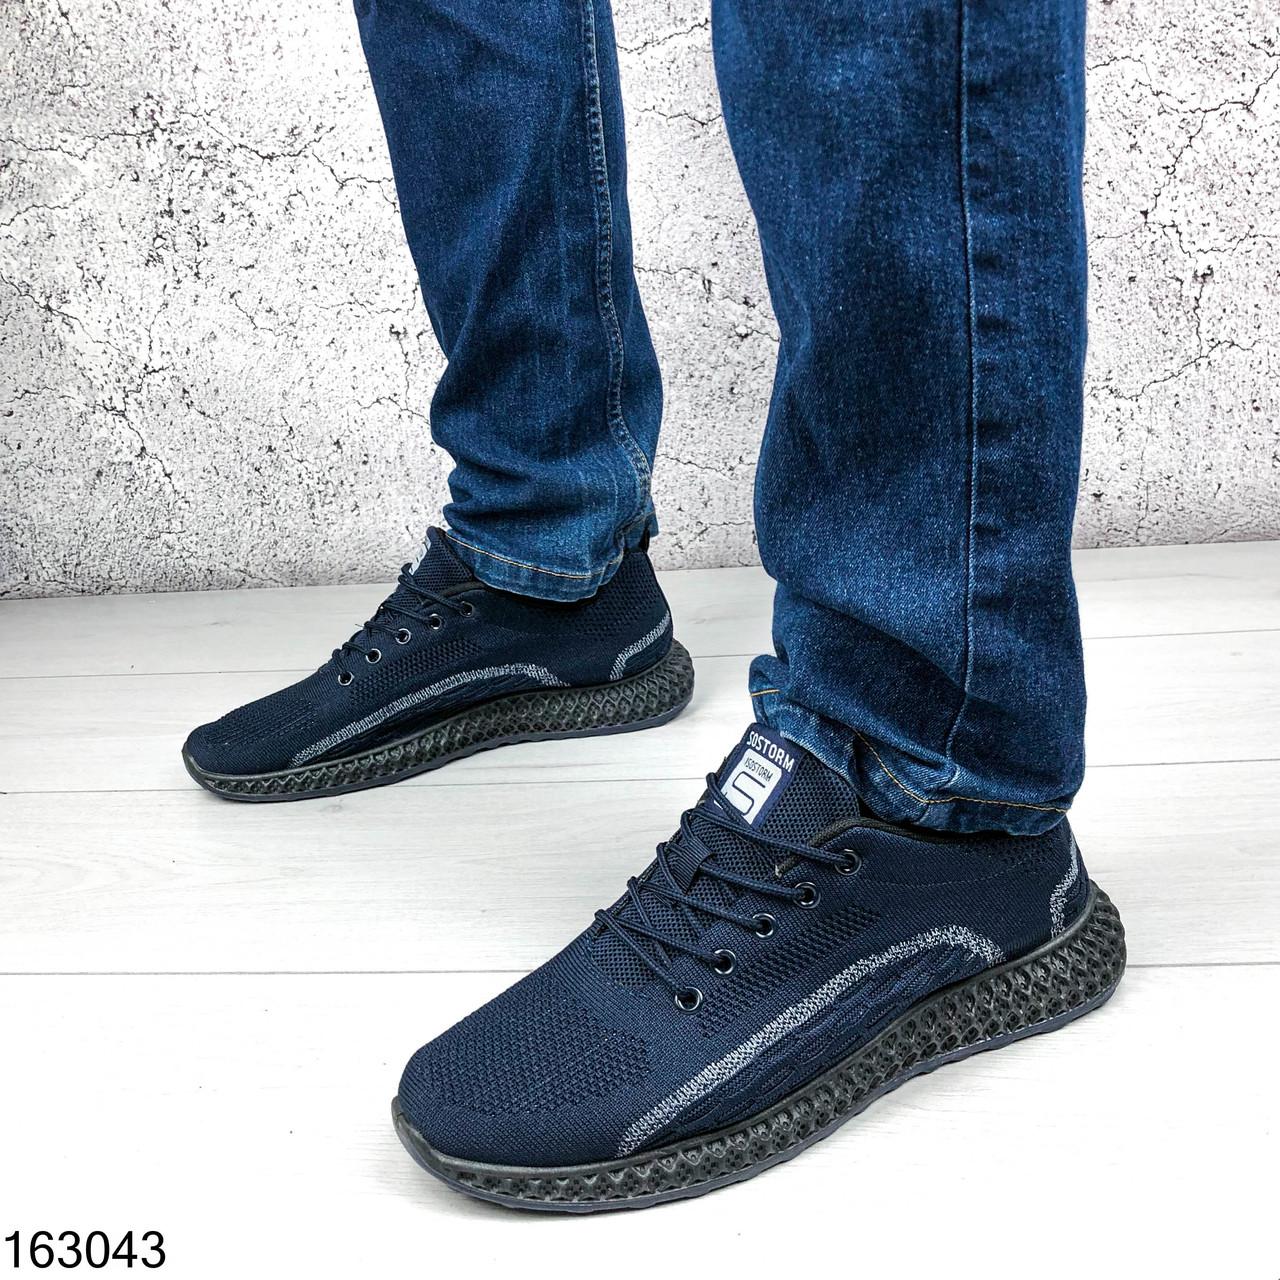 Кроссовки мужские Fly синие из обувного текстиля, на шнурках | Мокасины мужские комфорт